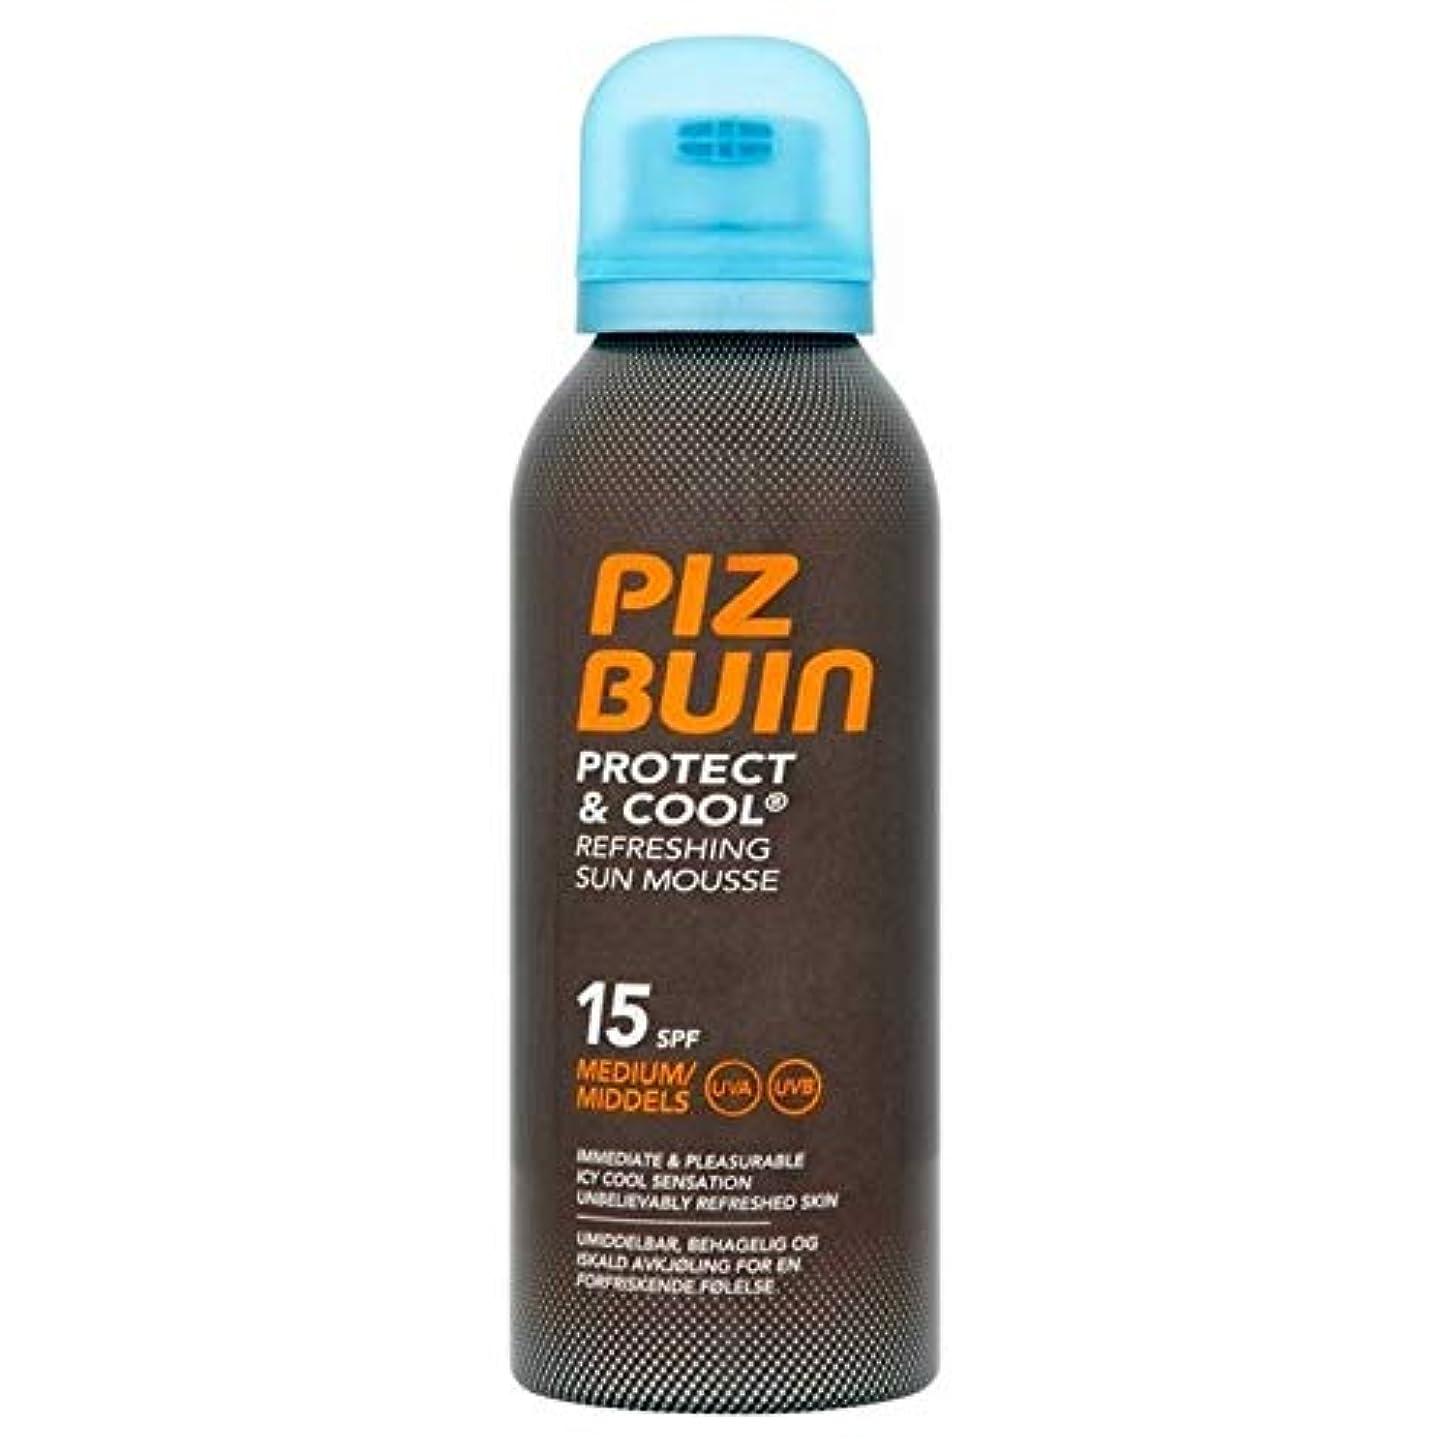 検索エンジン最適化哲学博士スラダム[Piz Buin] ピッツのBuinのは、太陽のムースSpf15の150ミリリットルを保護&クール - Piz Buin Protect & Cool Sun Mousse SPF15 150ml [並行輸入品]